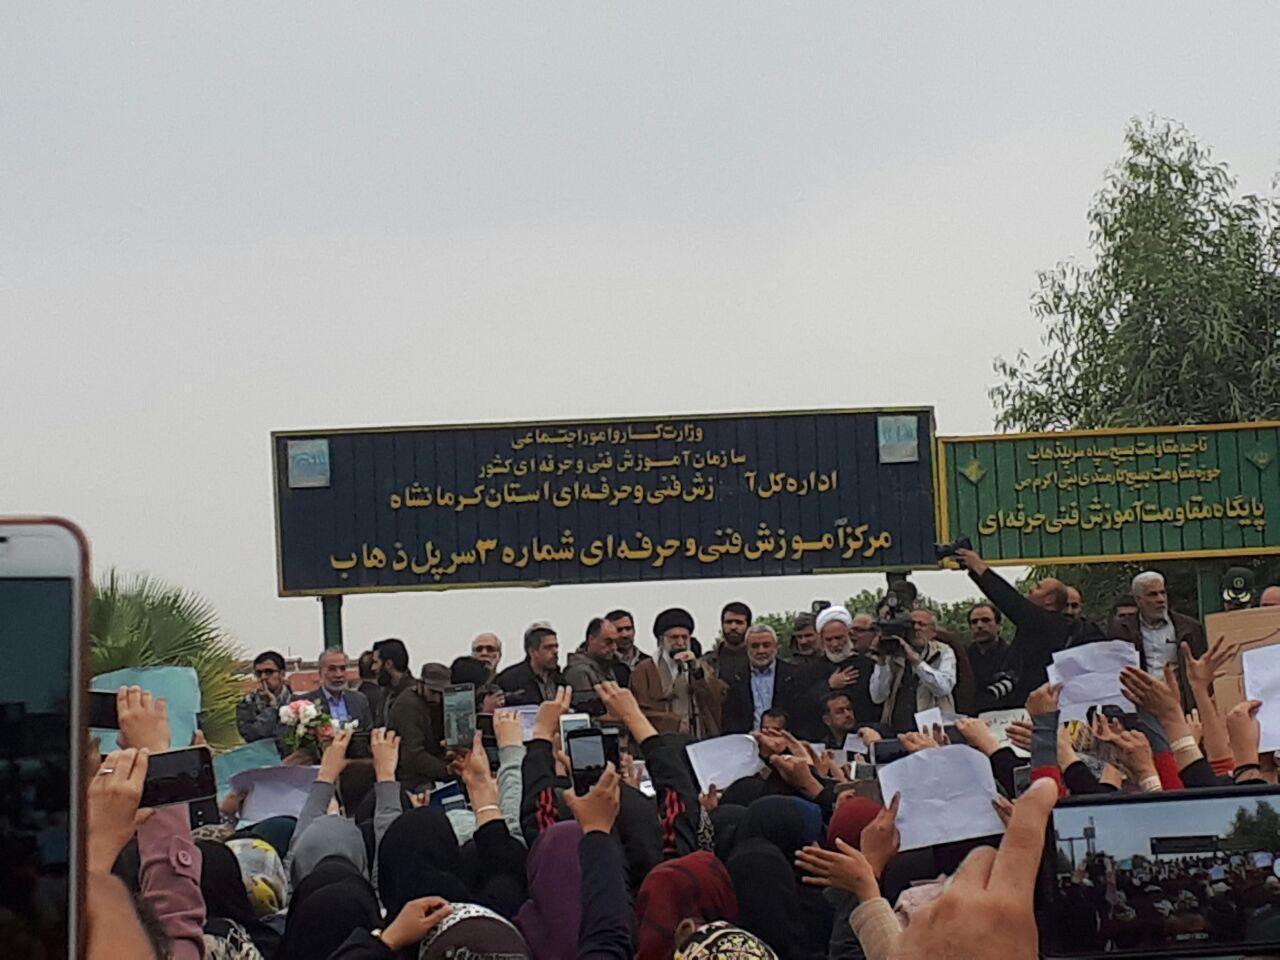 قائد الثورة الاسلامية: الانسان الشجاع يتغلب على الحوادث